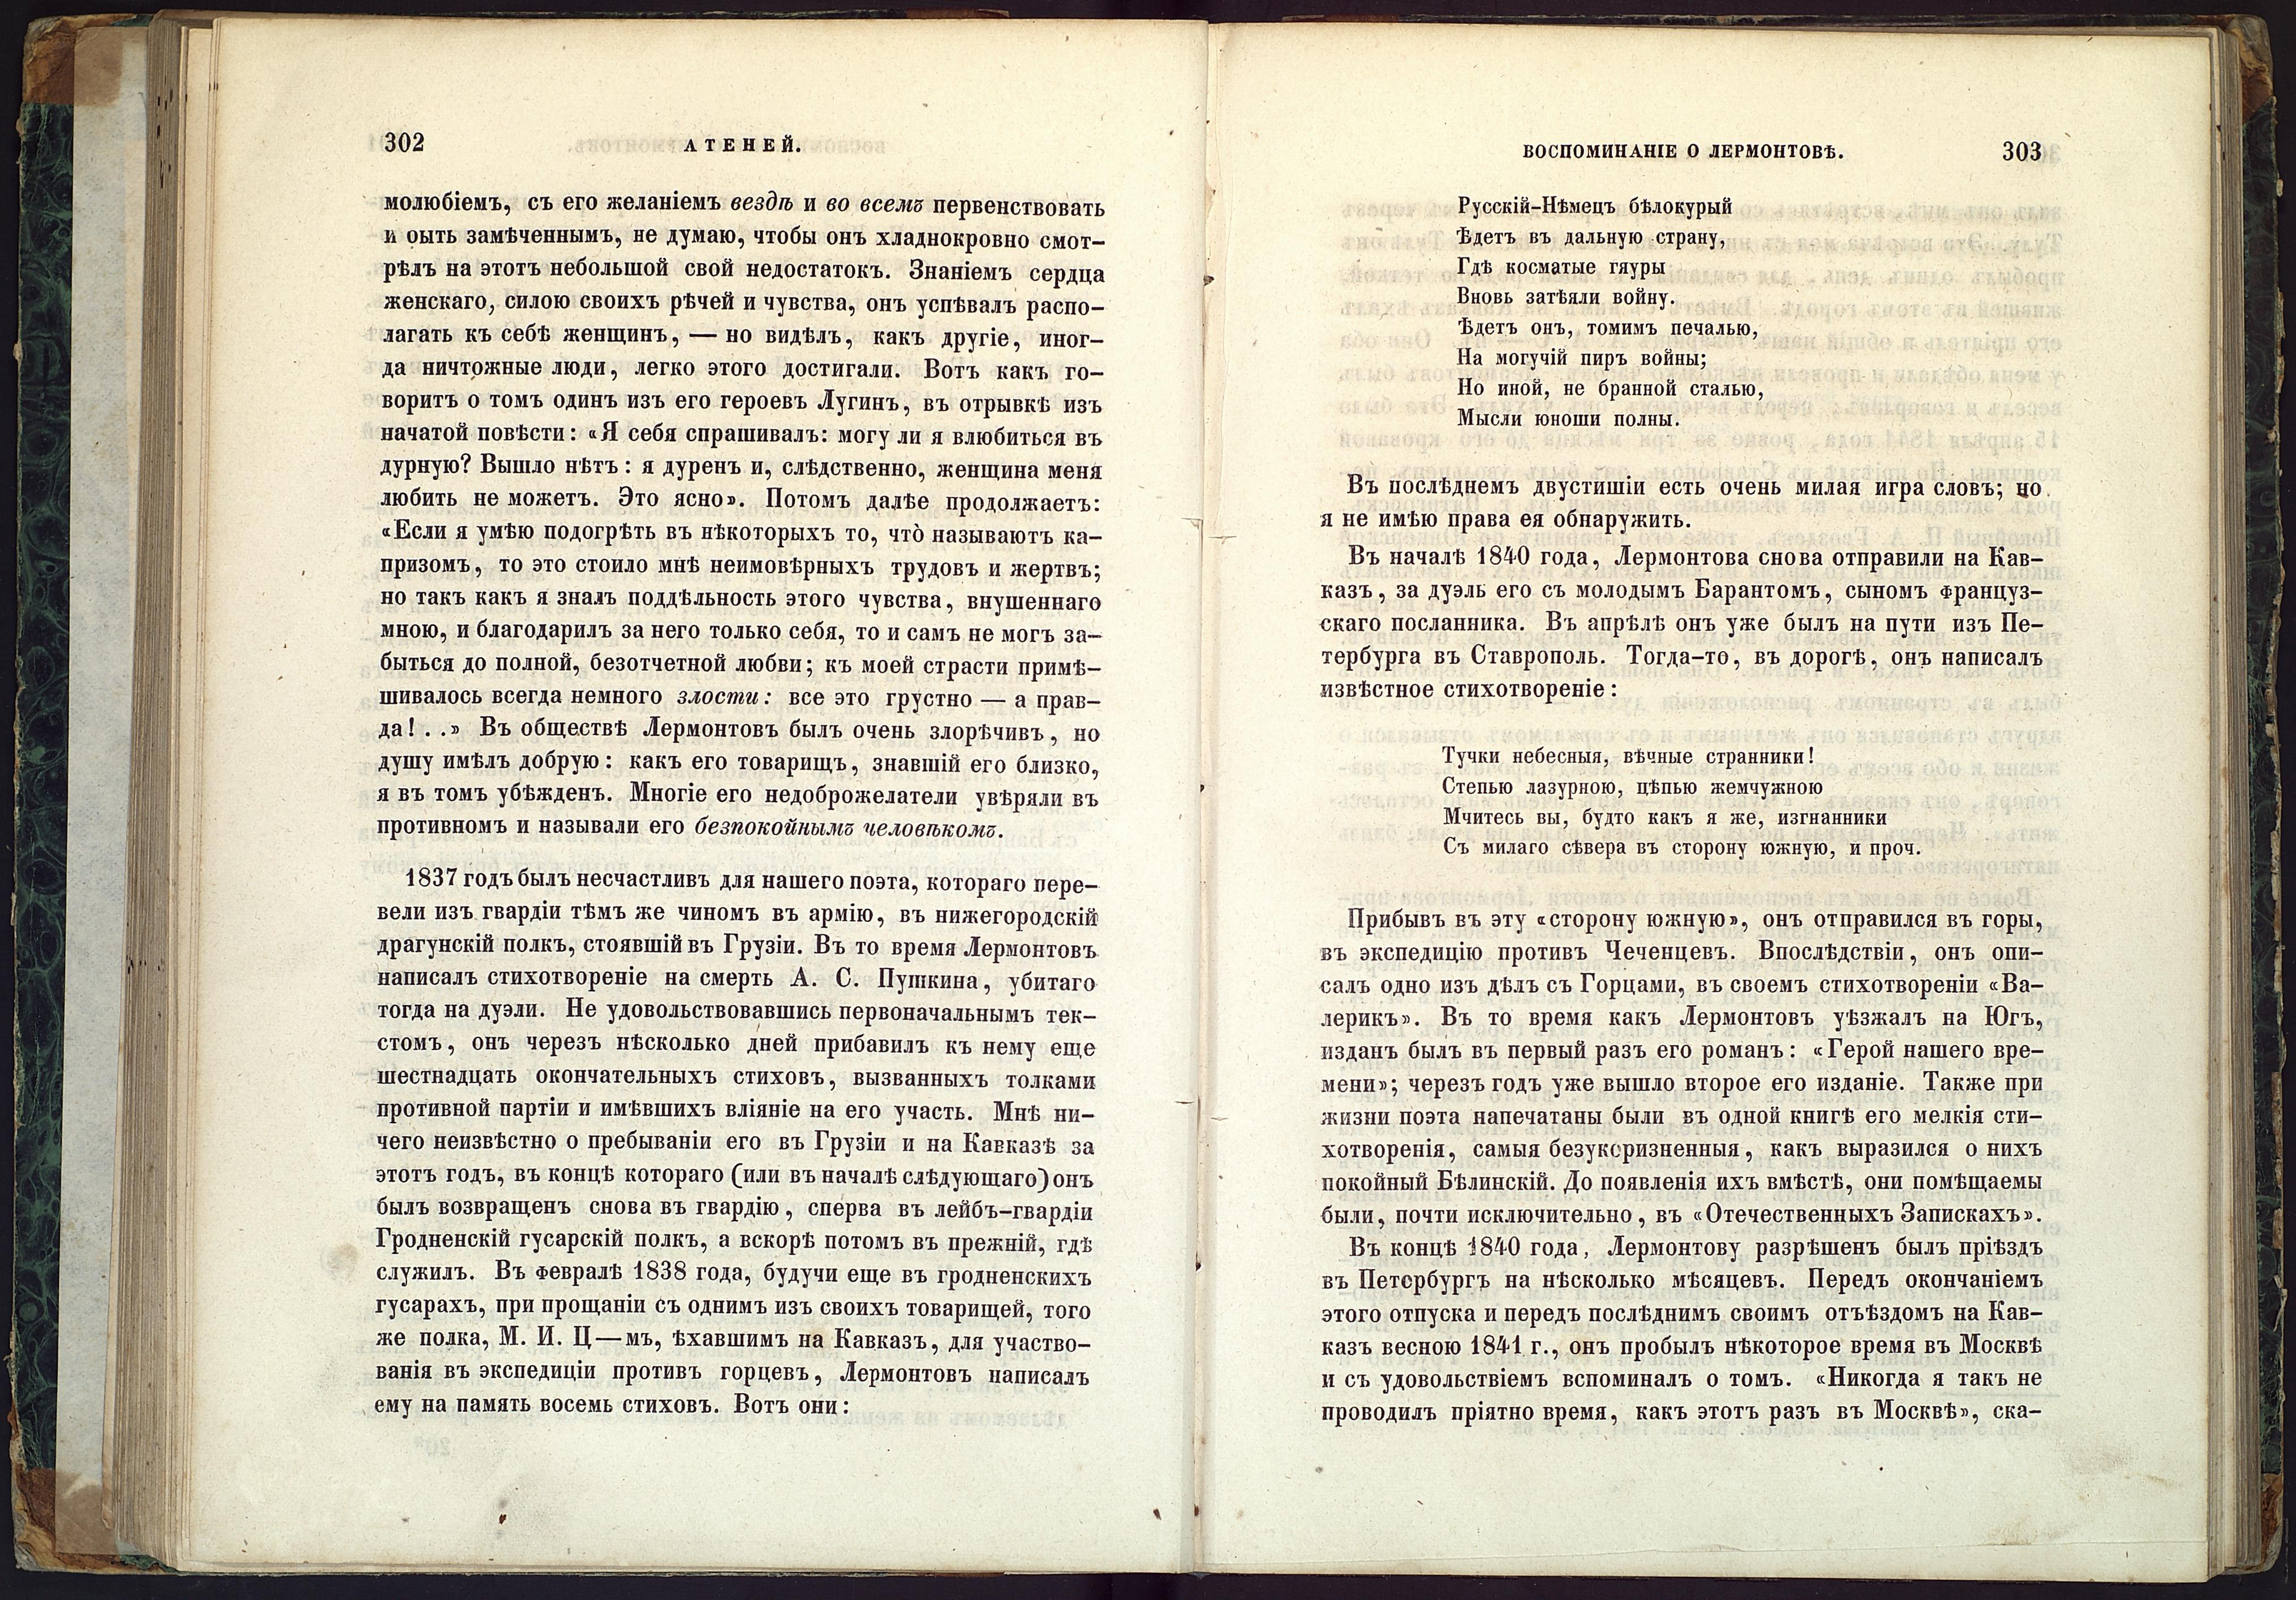 ЛОК-5101 ТАРХАНЫ КП-11008  Журнал Атеней Ч. 6 (ноябрь и декабрь)._4